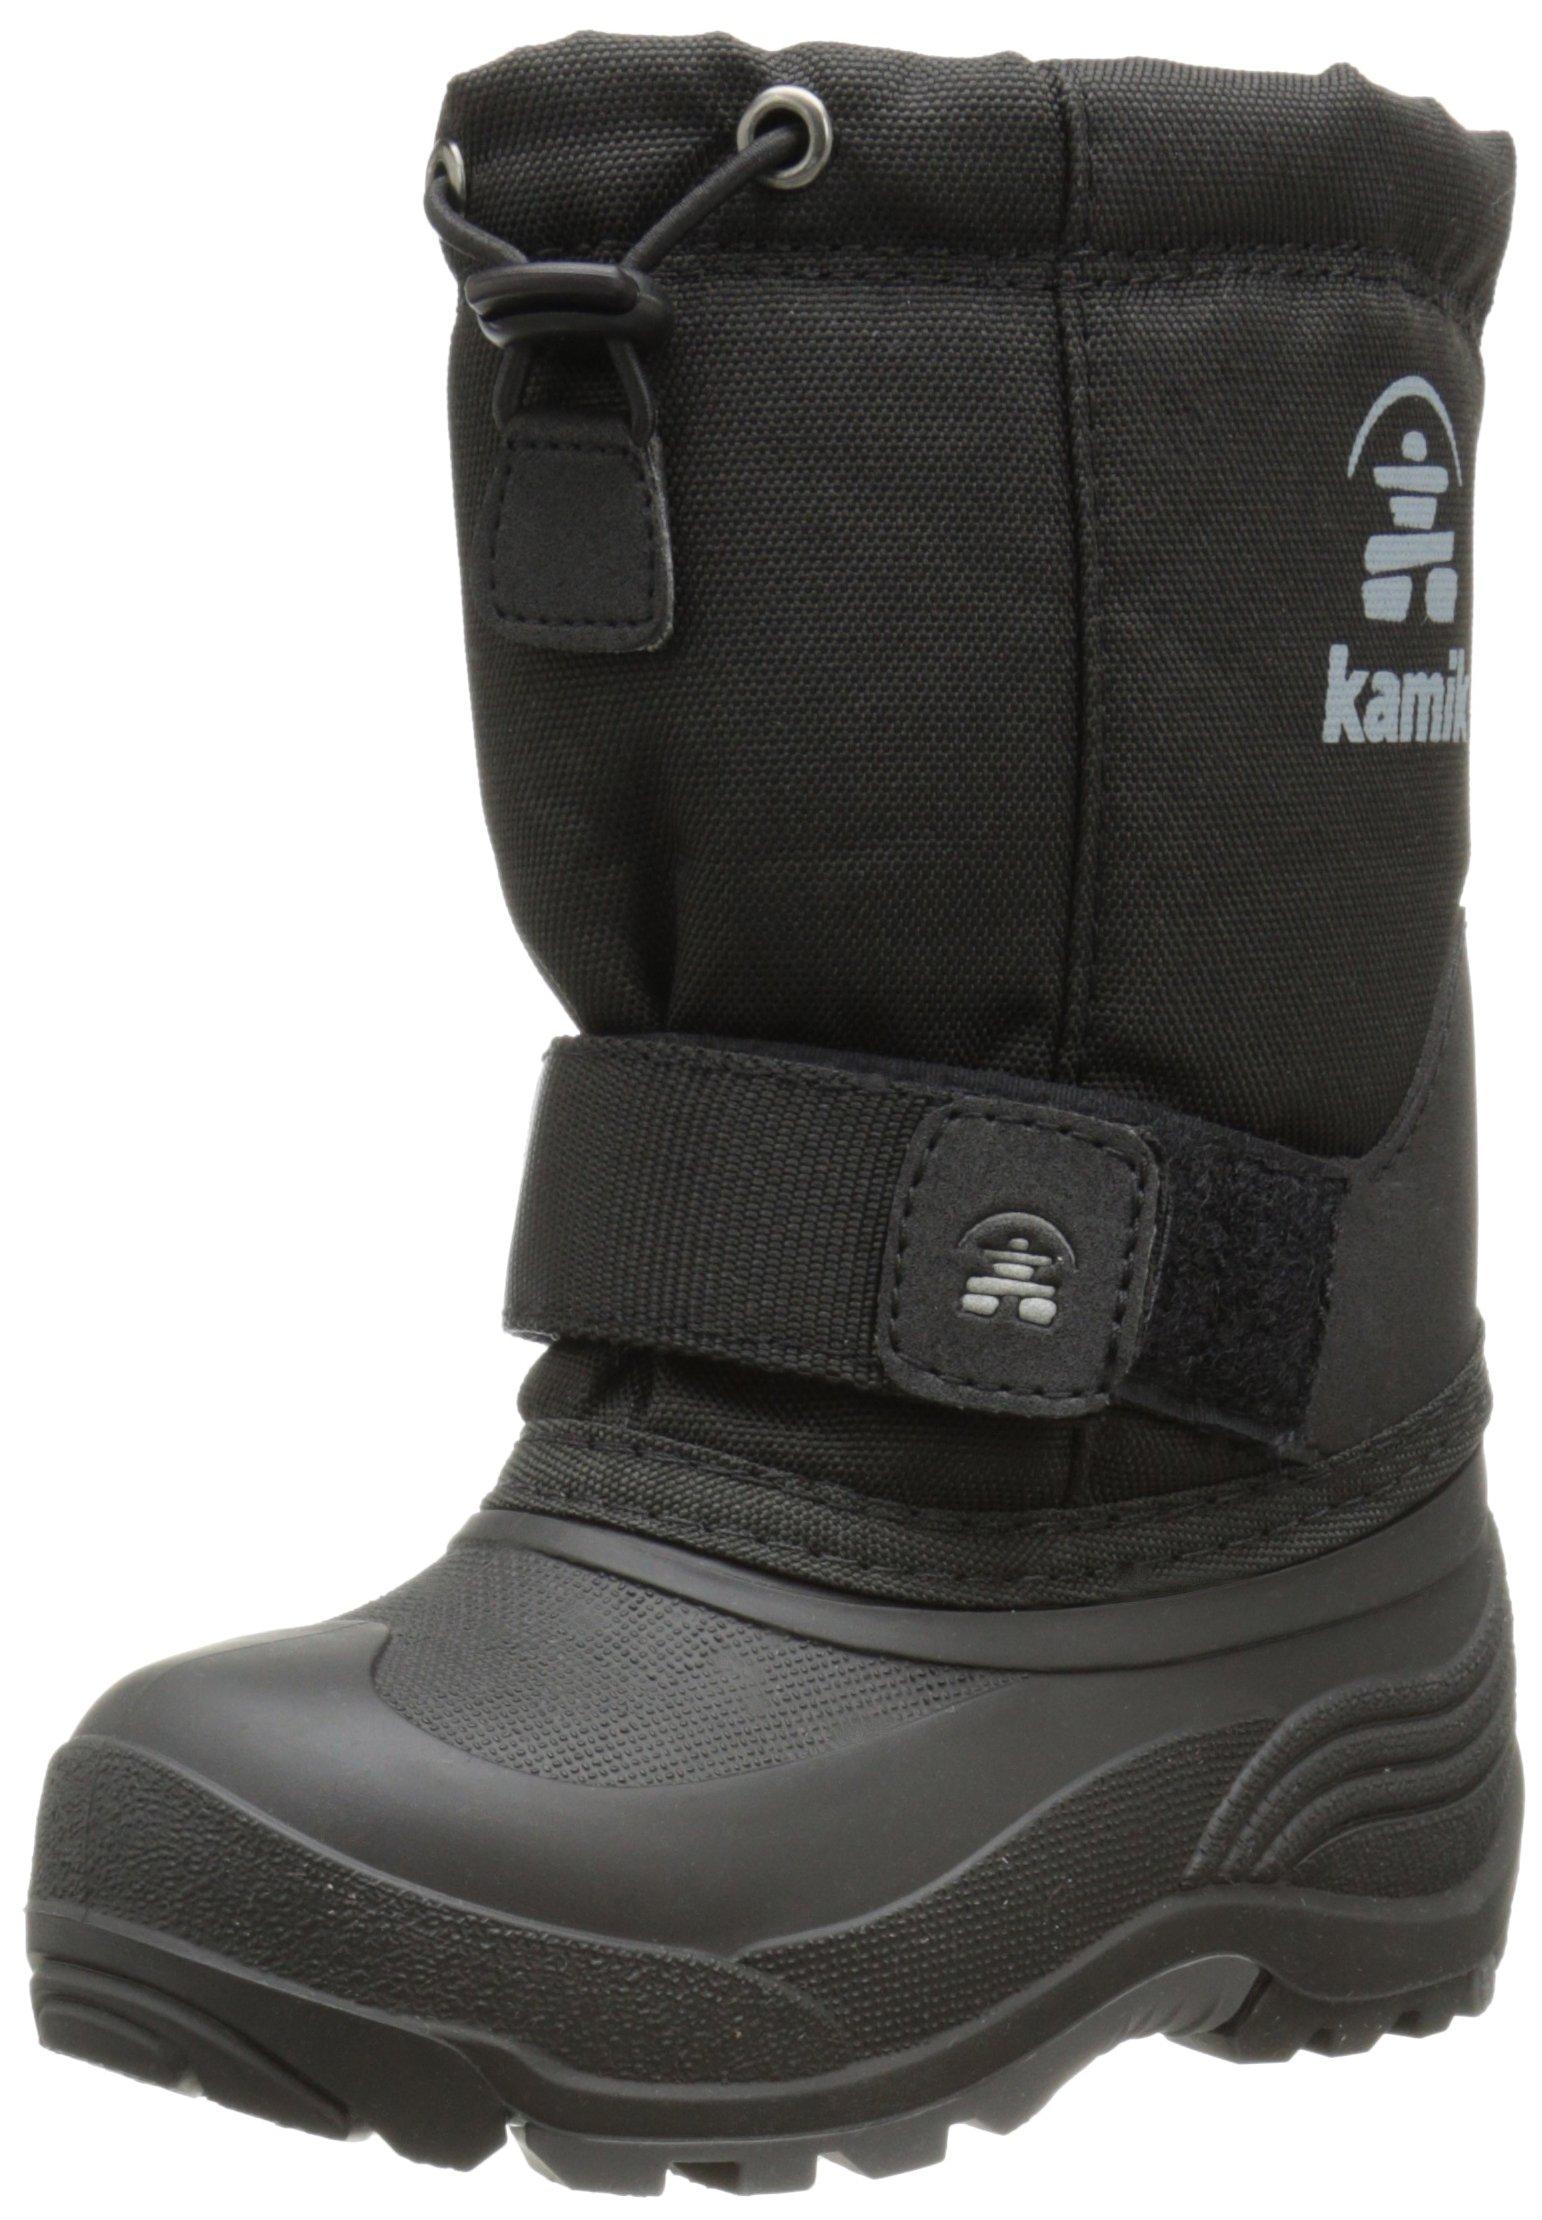 Kamik Rocket Boot - Boys' Black, 6.0